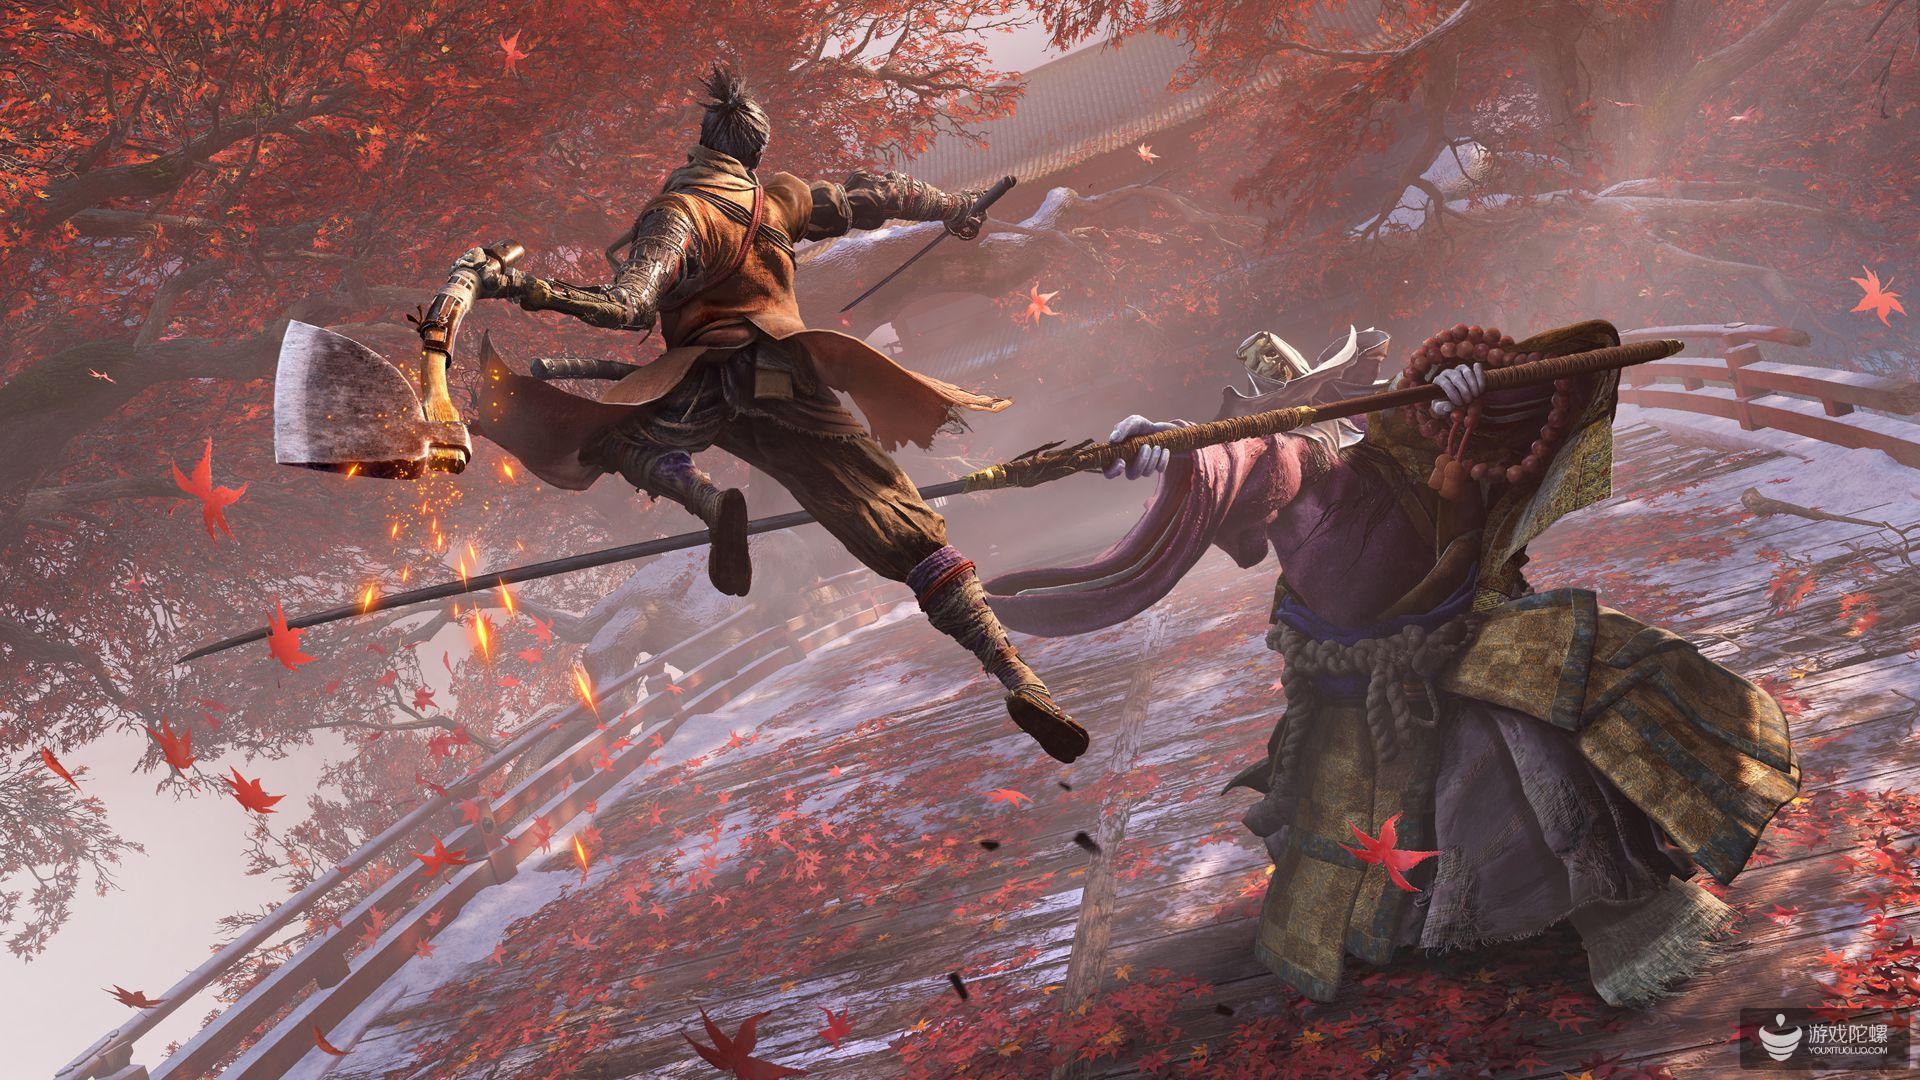 IGN评分9.5 《只狼》刚发售就被国外黑客组织破解